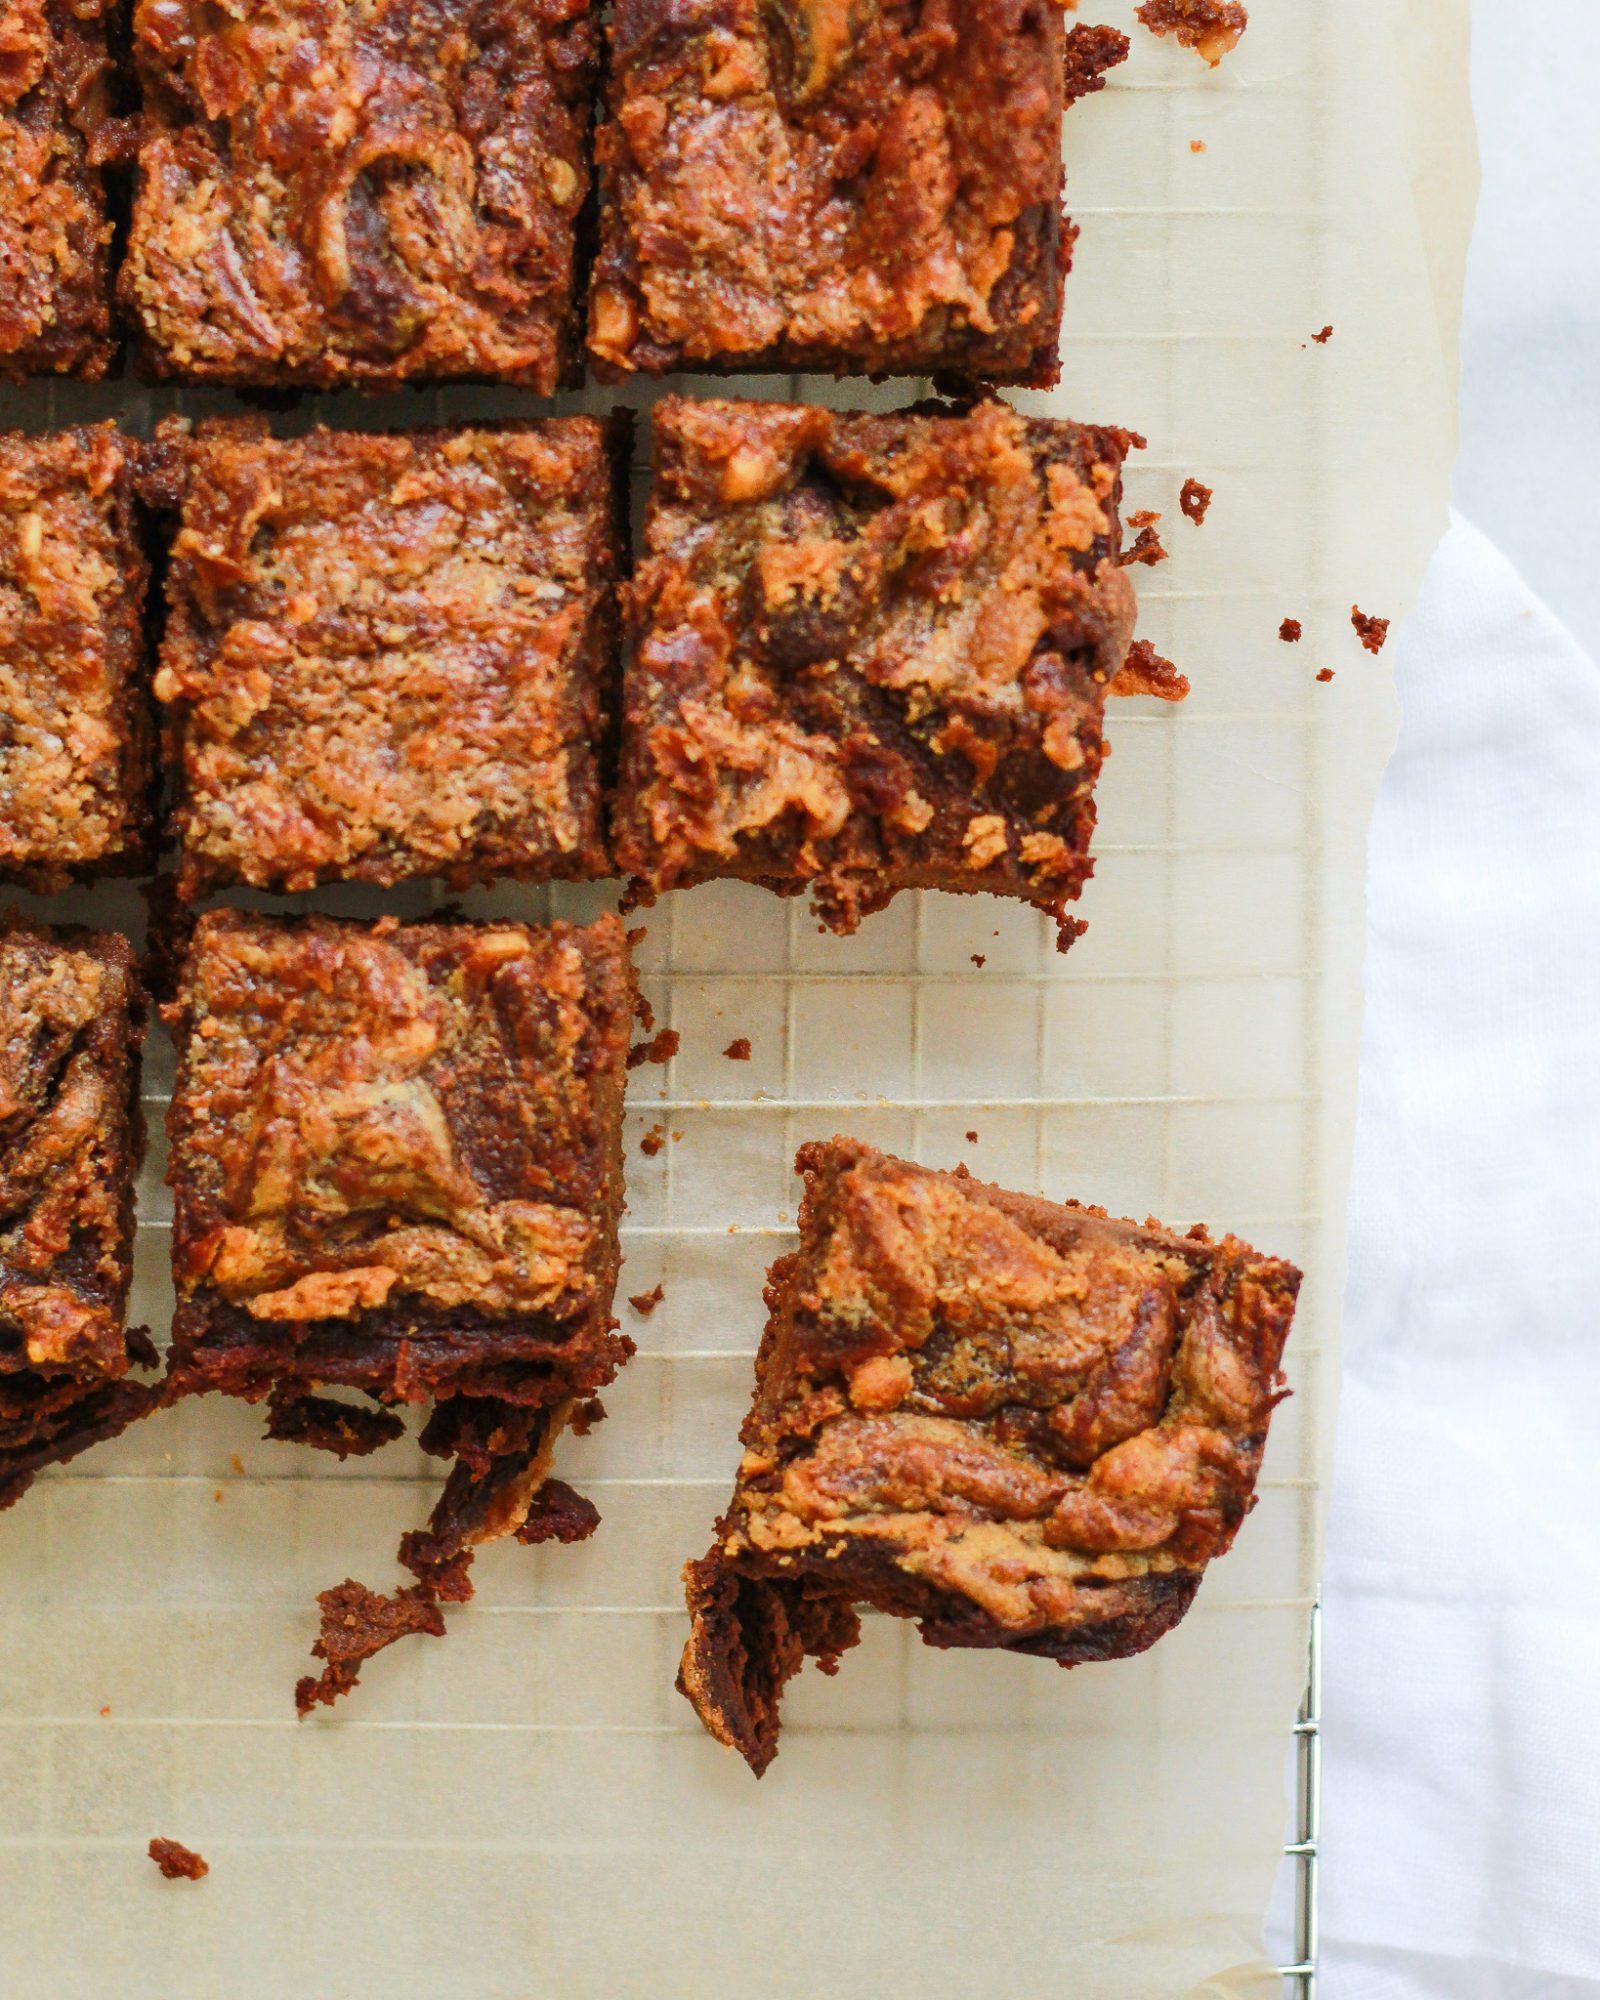 one peanut butter swirl brownie broken away from batch